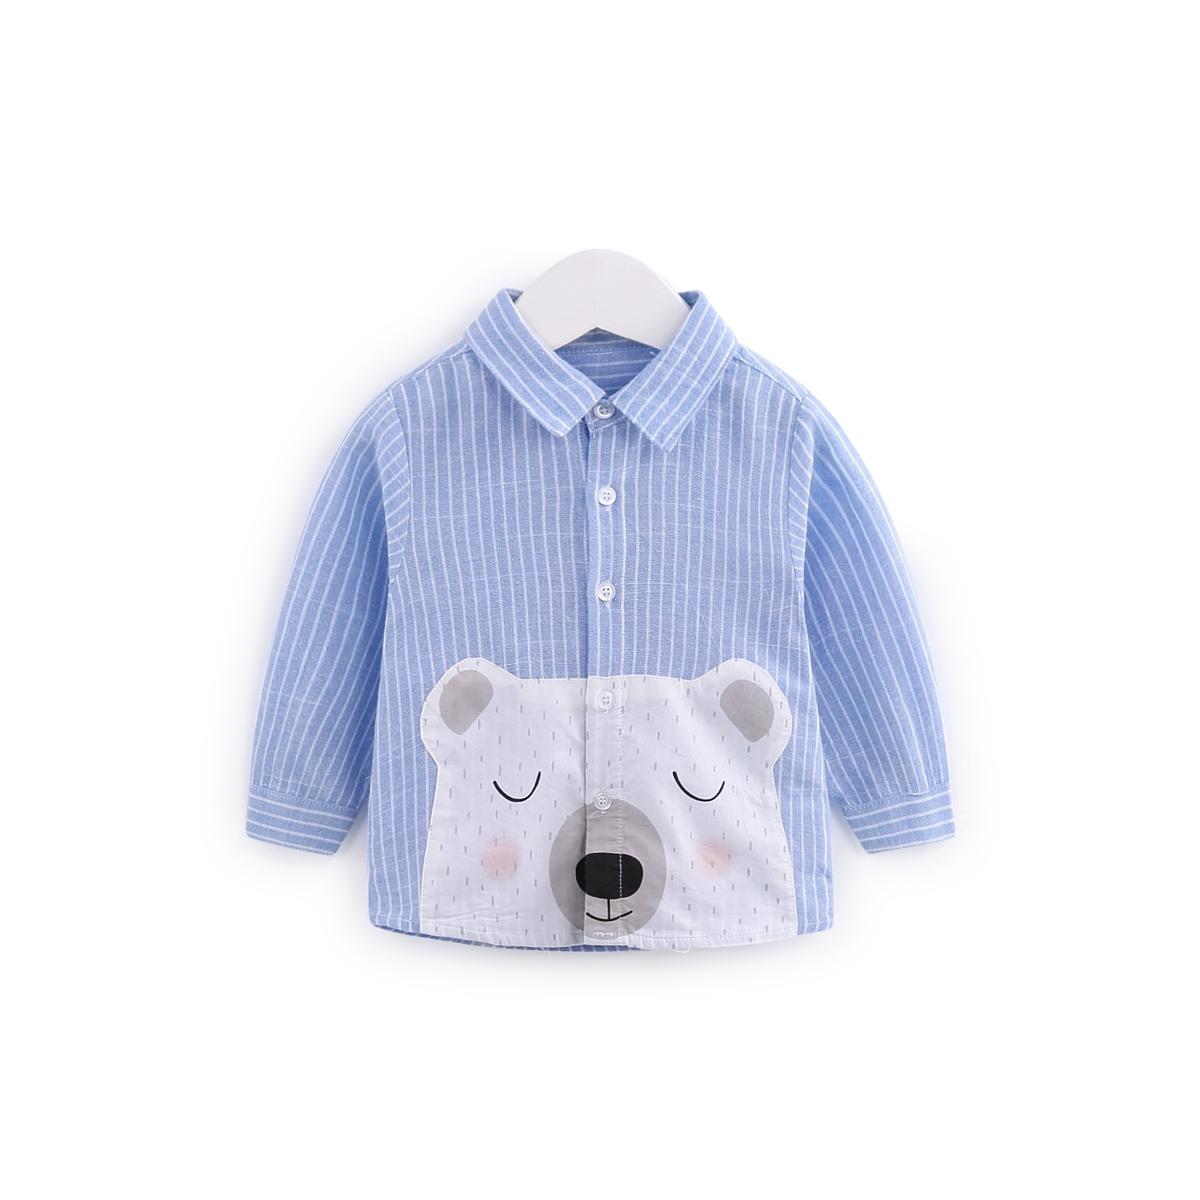 齐齐熊宝宝衬衫长袖男女童衬衣婴幼儿秋装衣服儿童洋气上衣童装